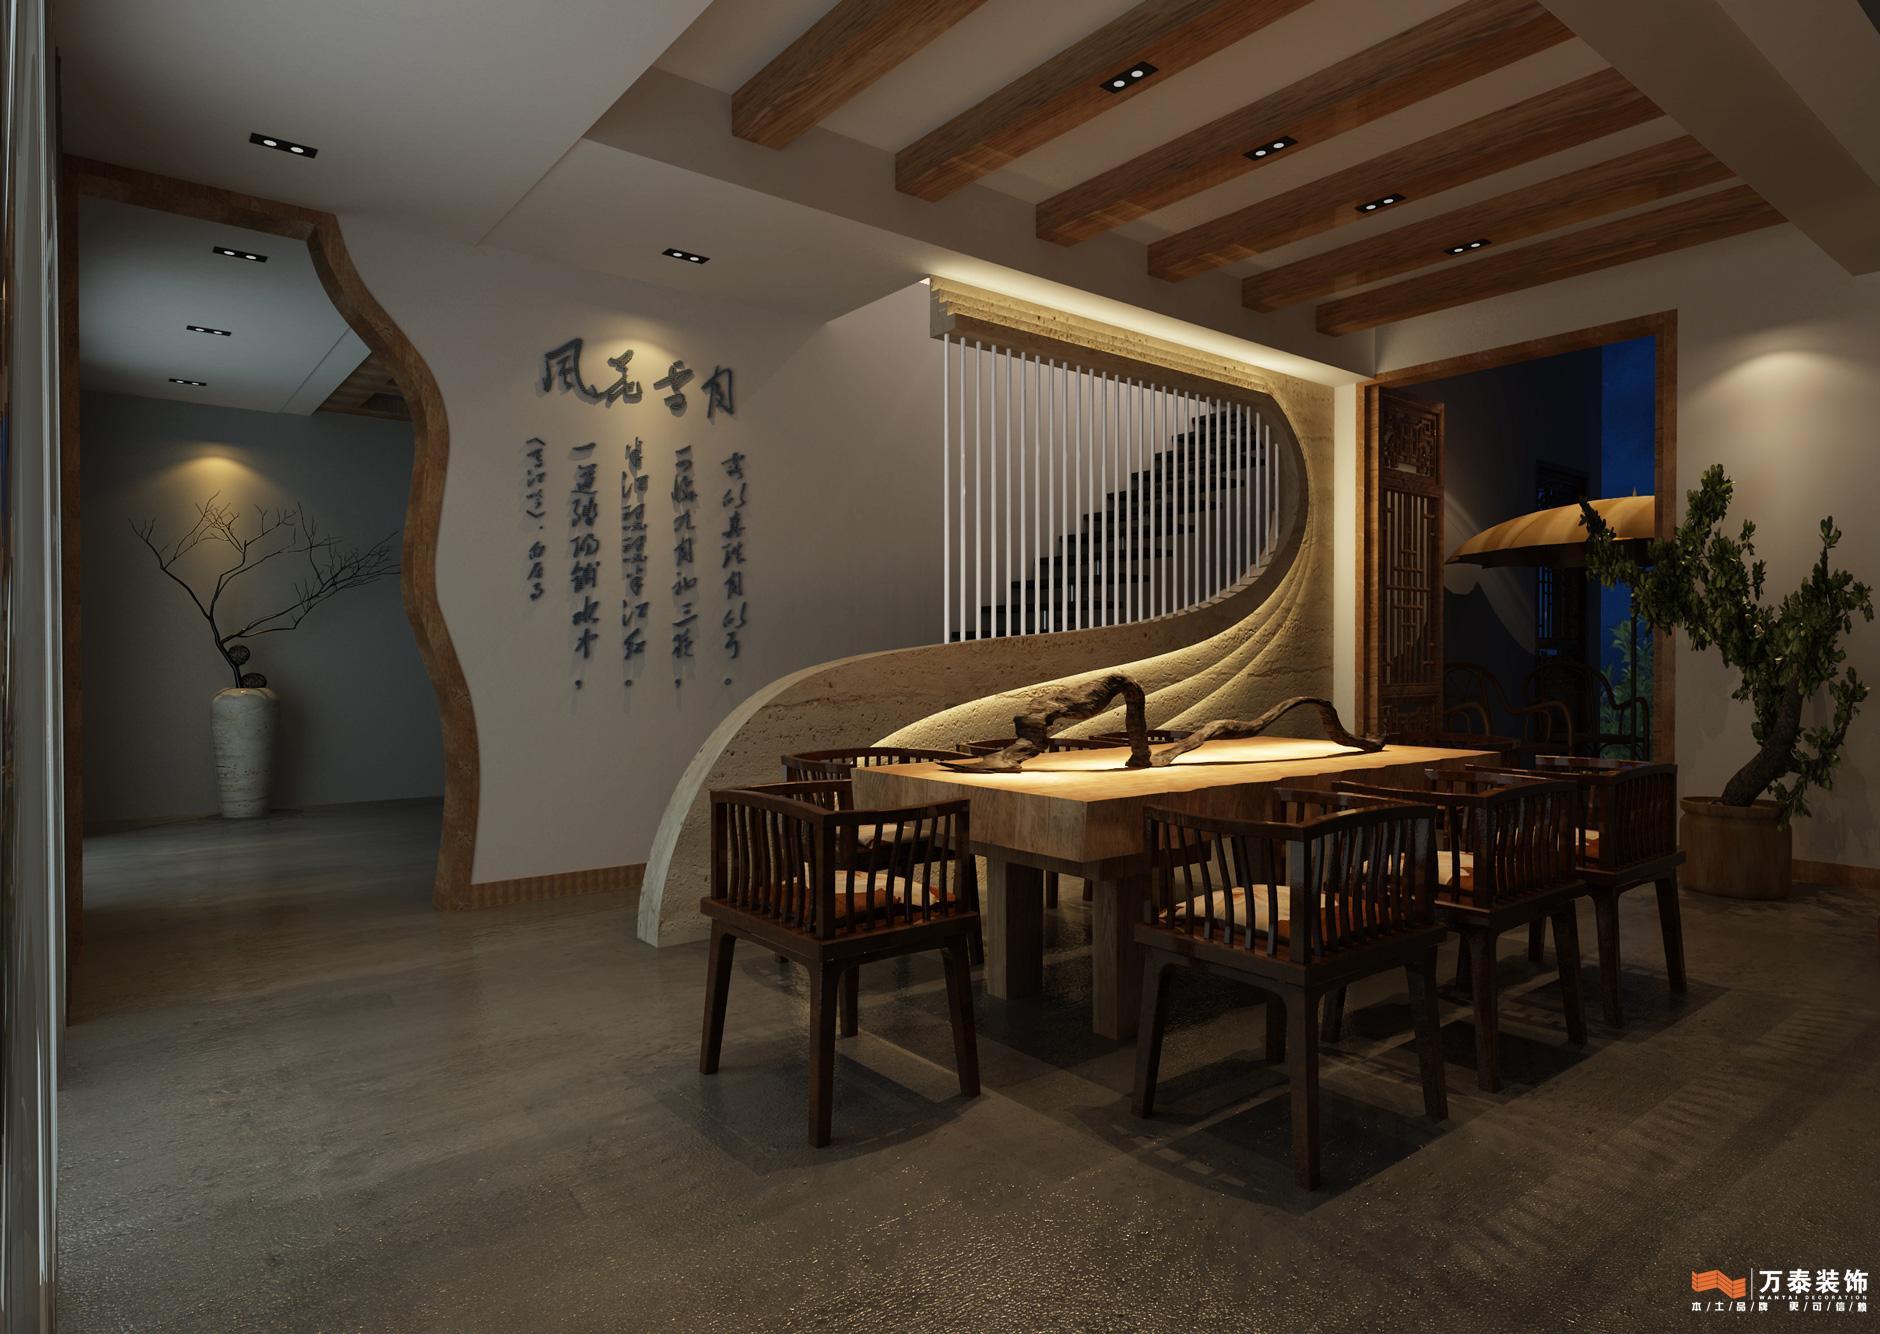 中式古典设计:   中式风格是比较自由的图片